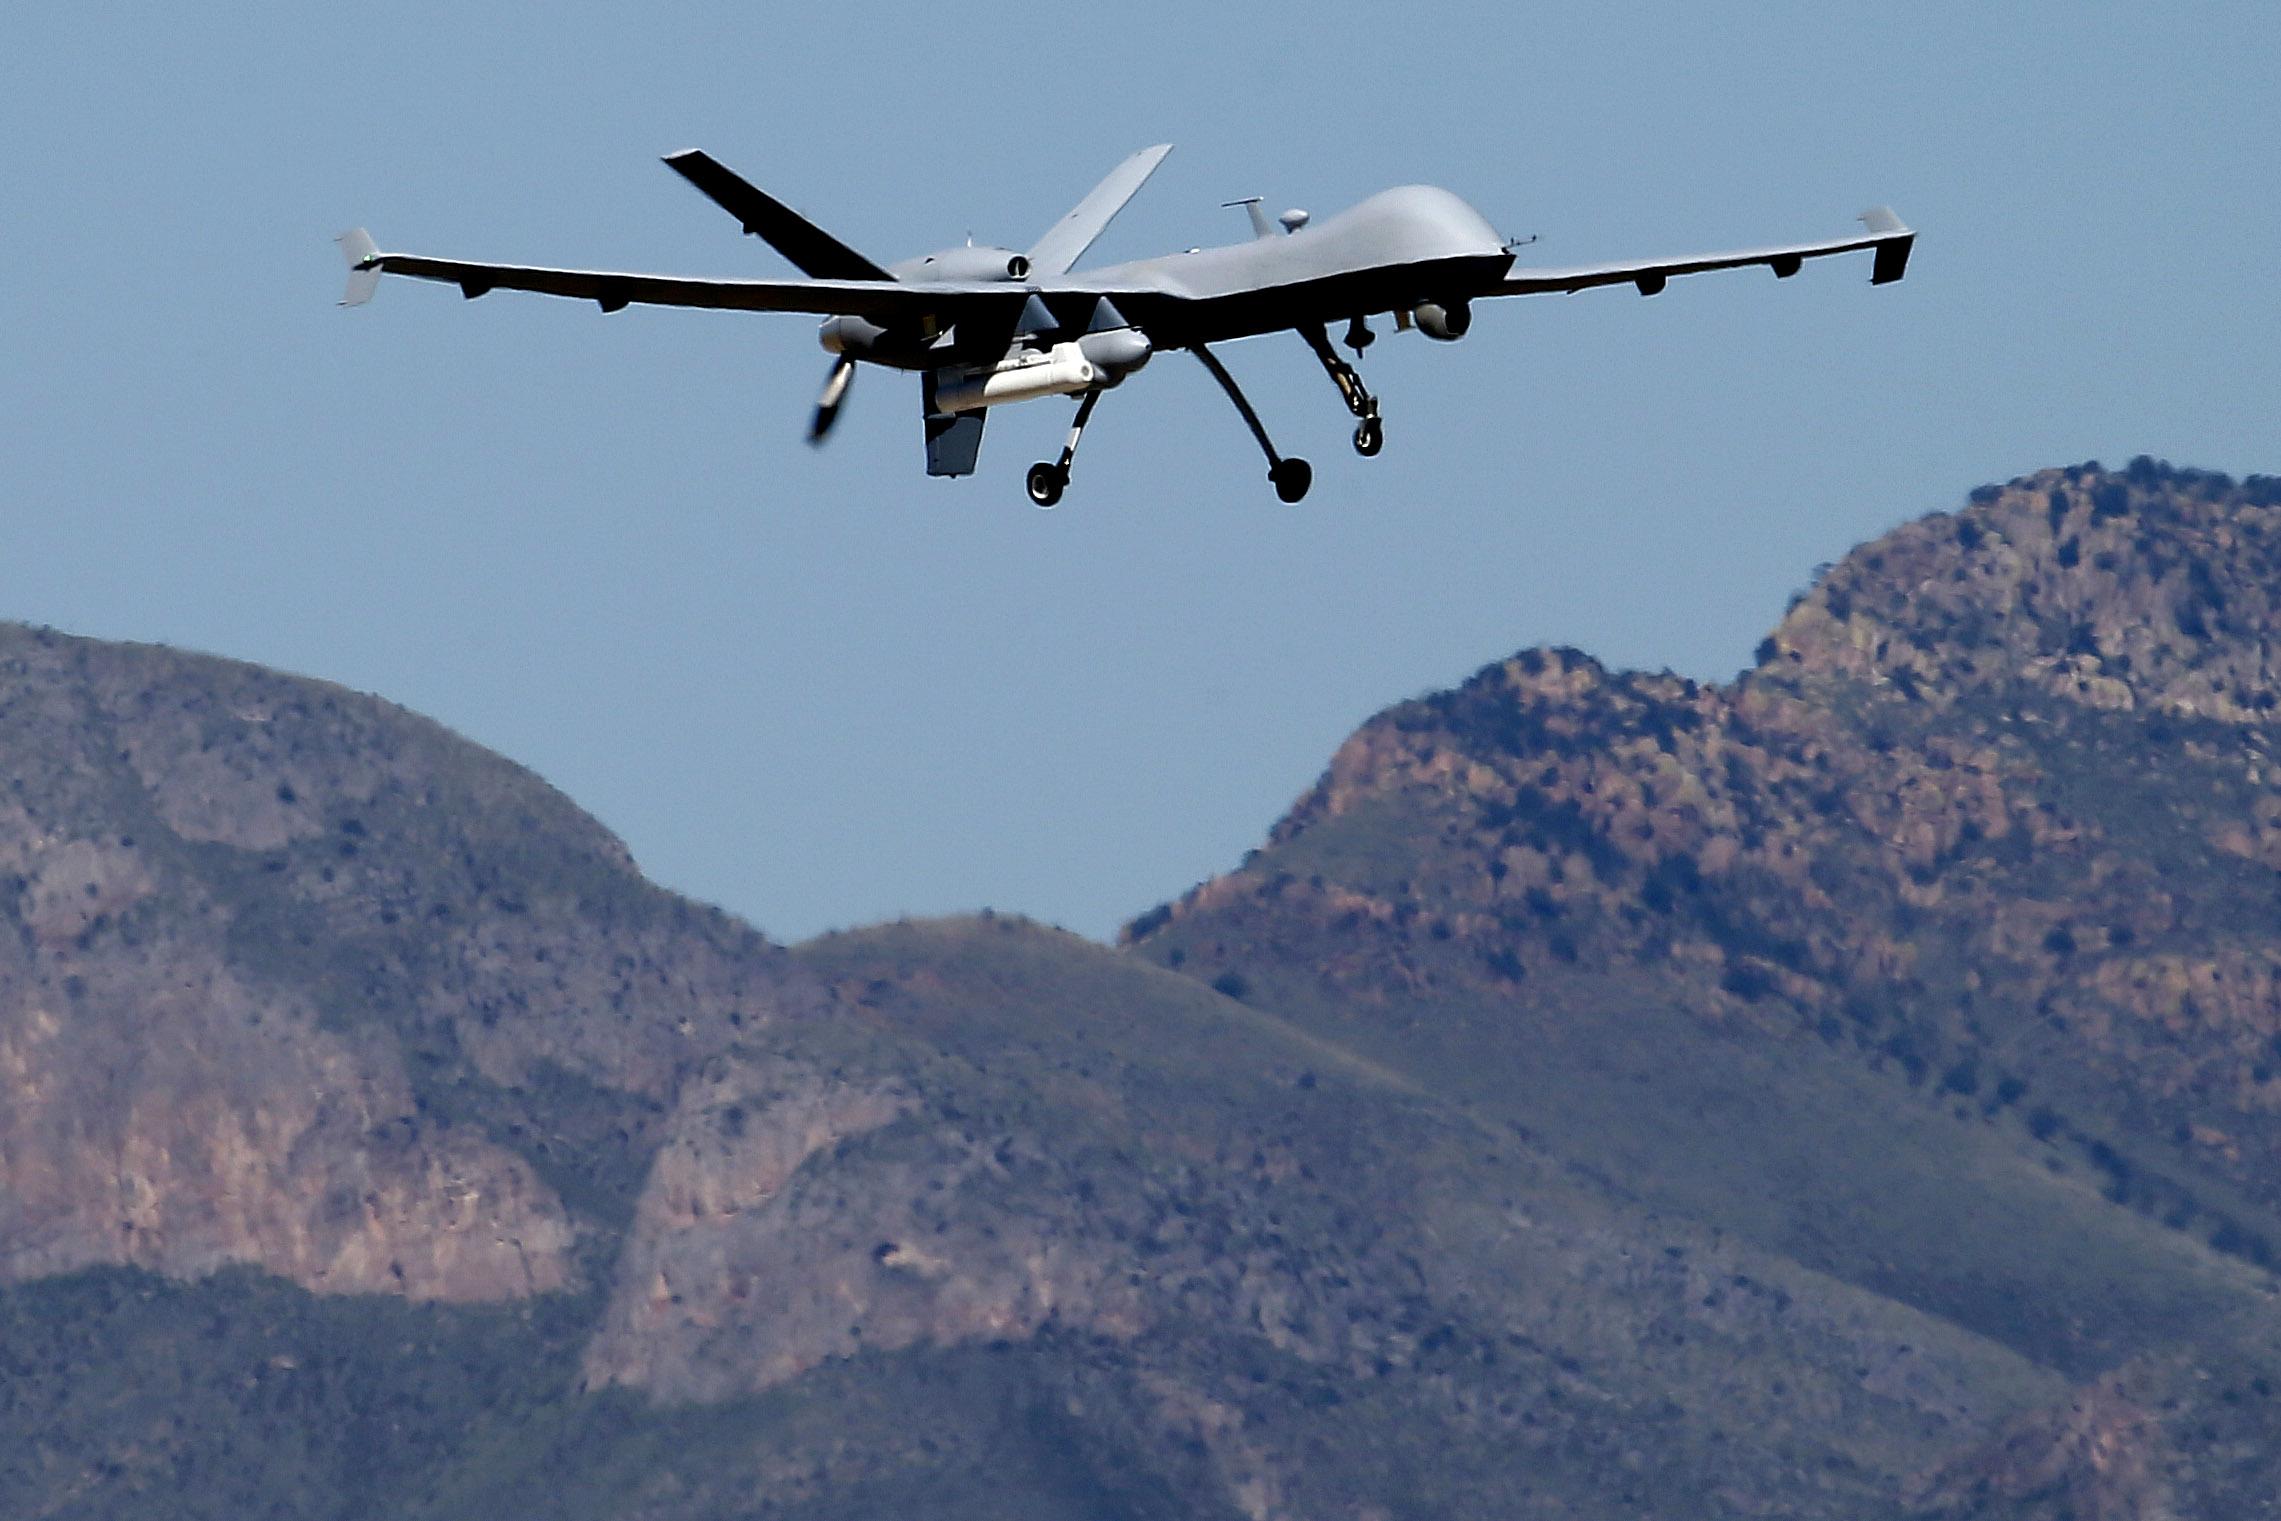 Waziristan Agencies Remained Target of Drones in 2014